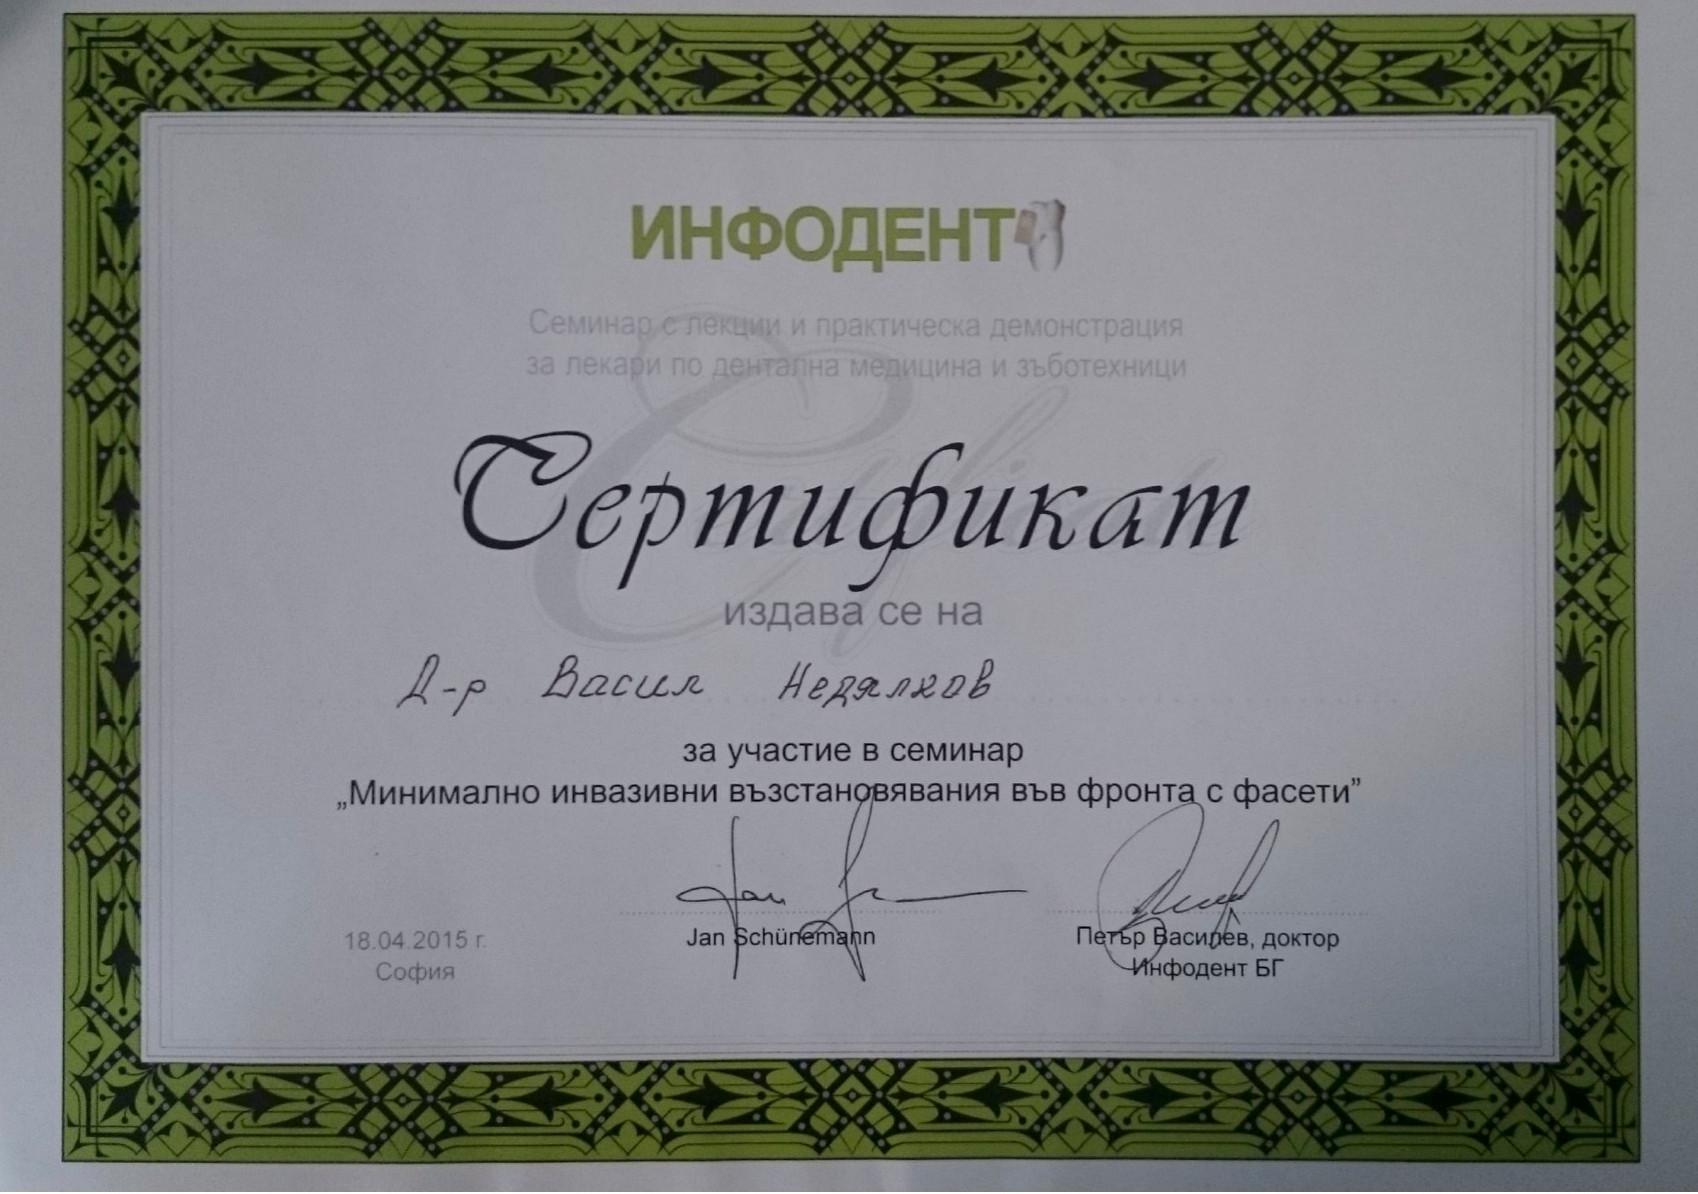 Инфодент Сертификат д-р Васил Недялков - Минимално инвазивни възстановявания във фронта с фасети